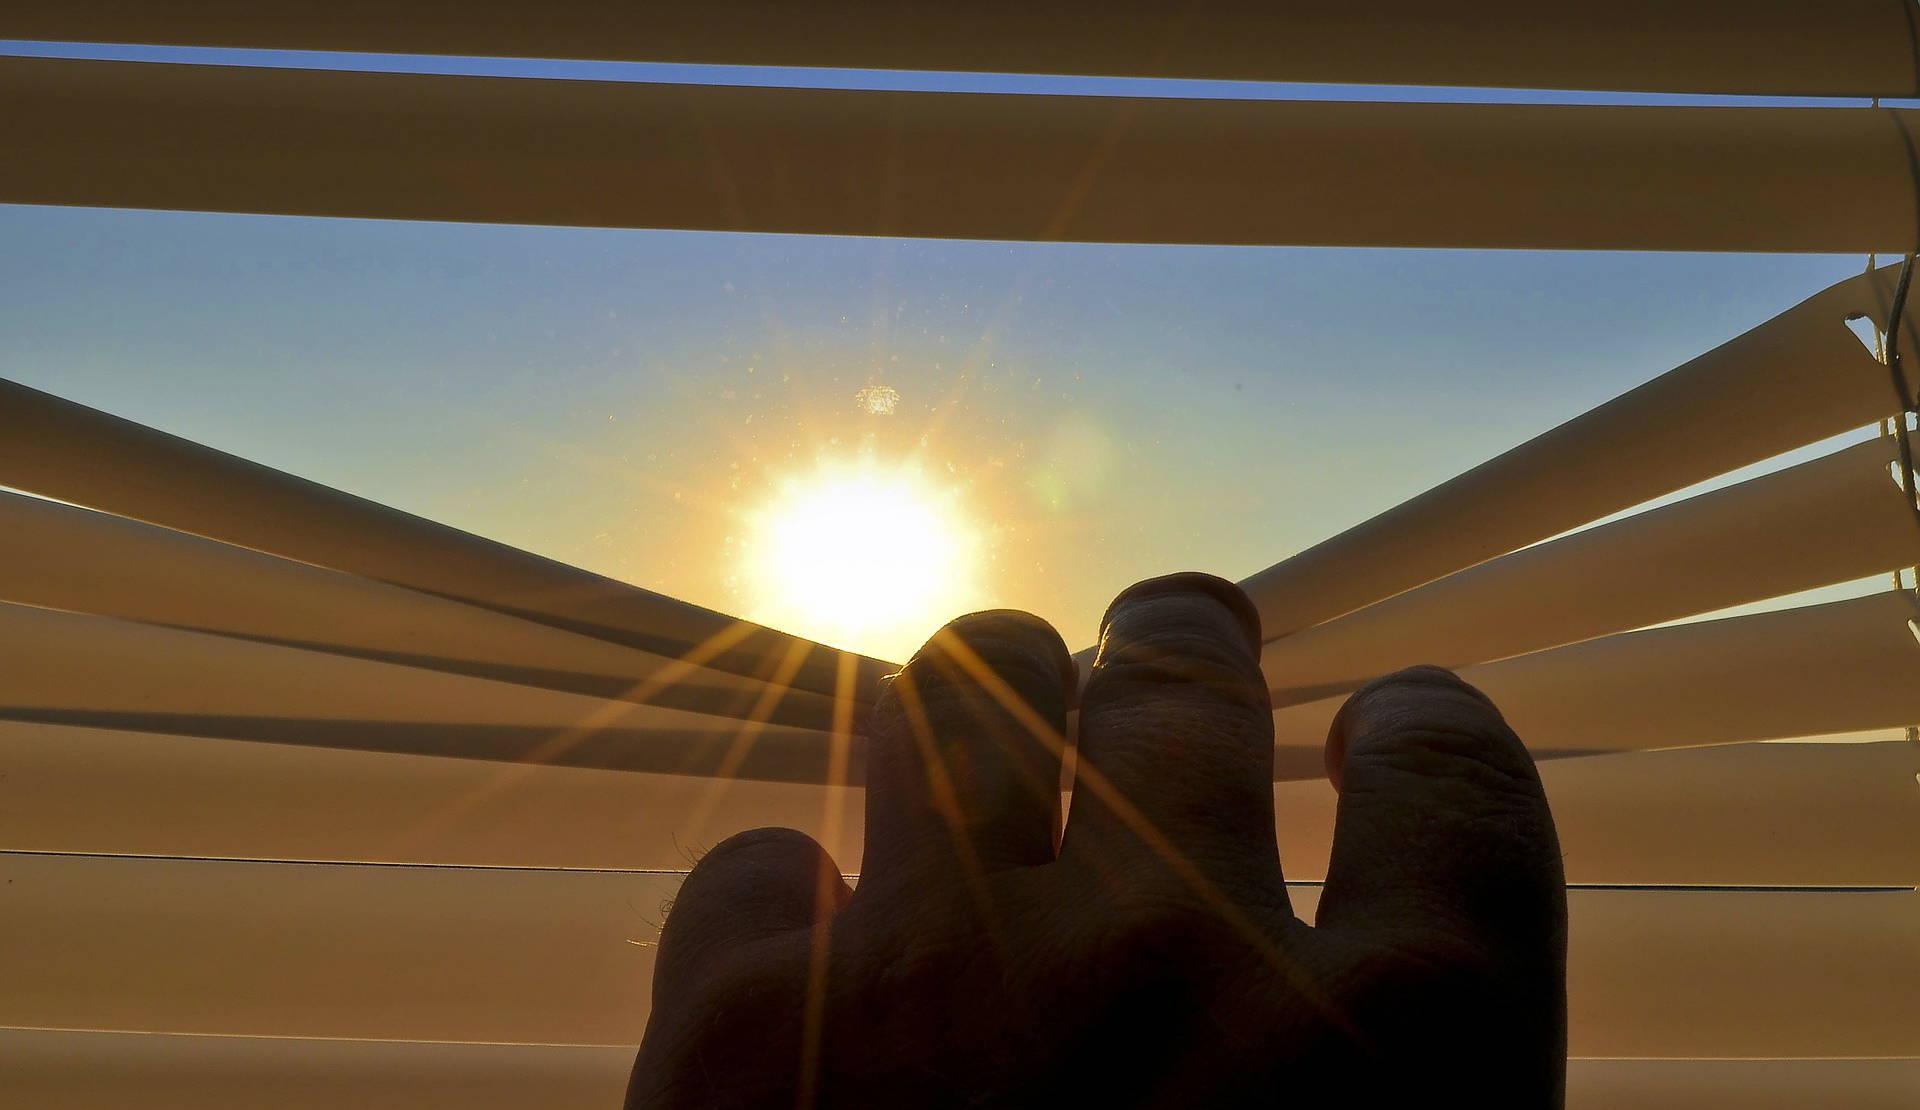 Full Size of Velux Fenster Einbauen Preise Aluminium Austauschen Sichtschutz Auf Maß Aco Rollo Sicherheitsfolie Folie Einbruchschutz Beleuchtung Jalousien Insektenschutz Wohnzimmer Ersatzteile Velux Fenster